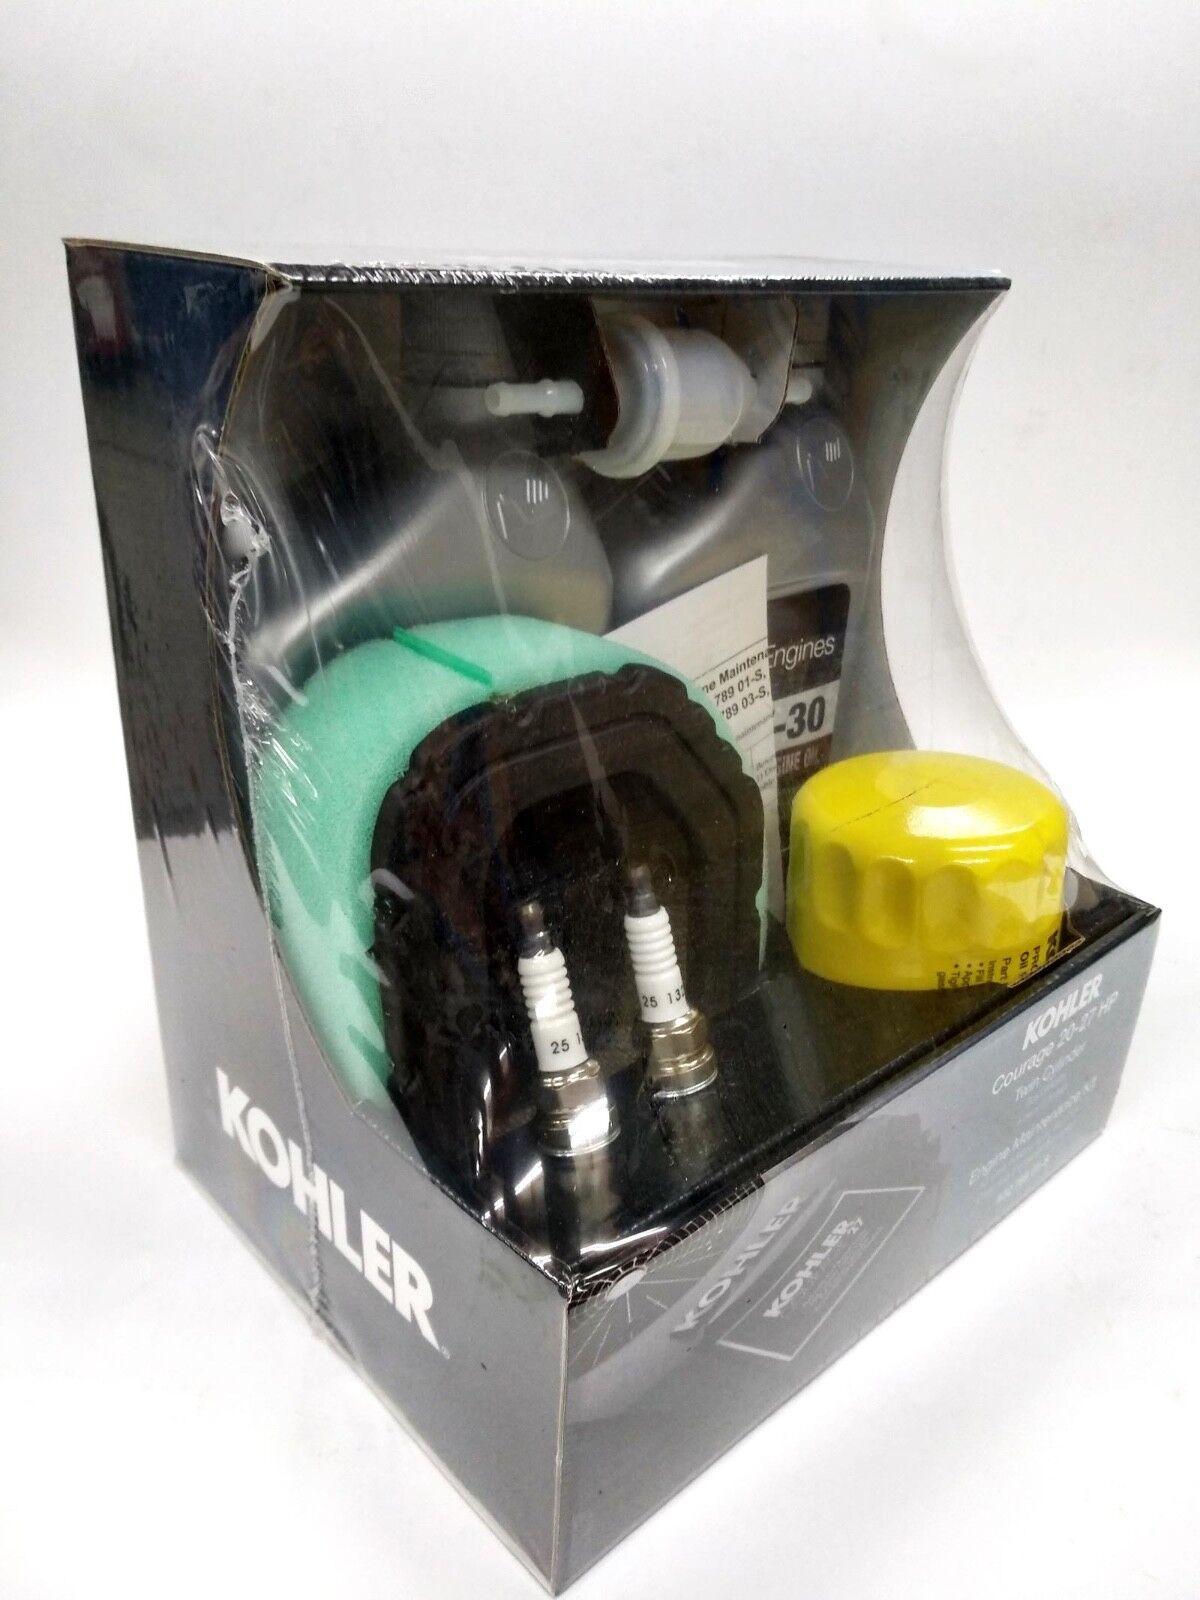 Kit de mantenimiento Kohler SV 710 SV 740 Kohler 3278901 3278901-S